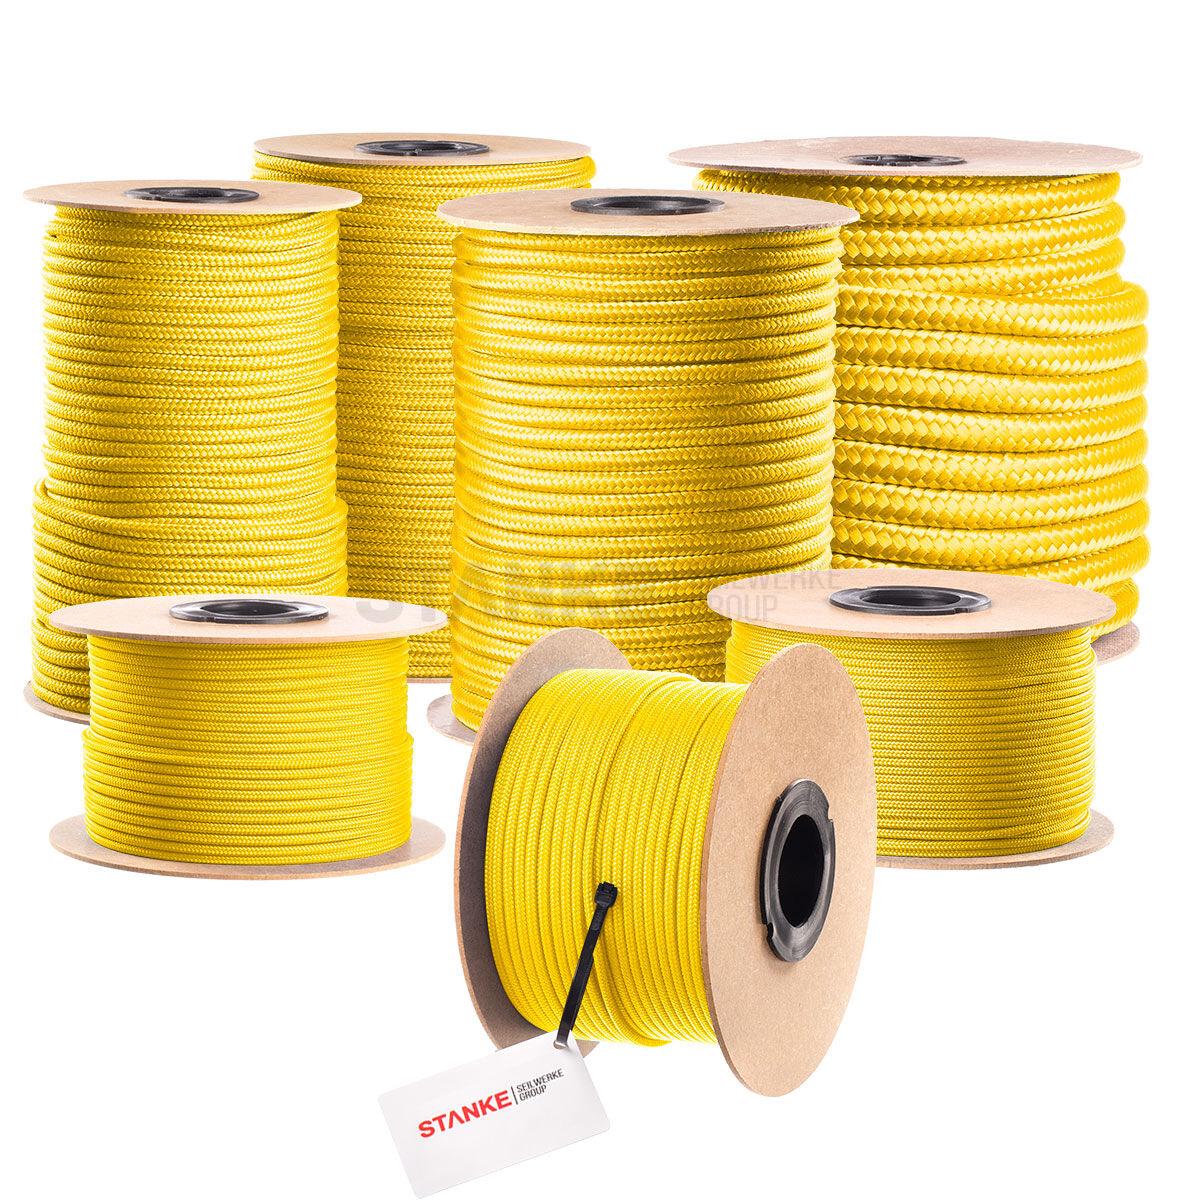 Polypropylenseil Kunststoffseil Nylonseil Seil Tauwerk Flechtleine Reepschnur